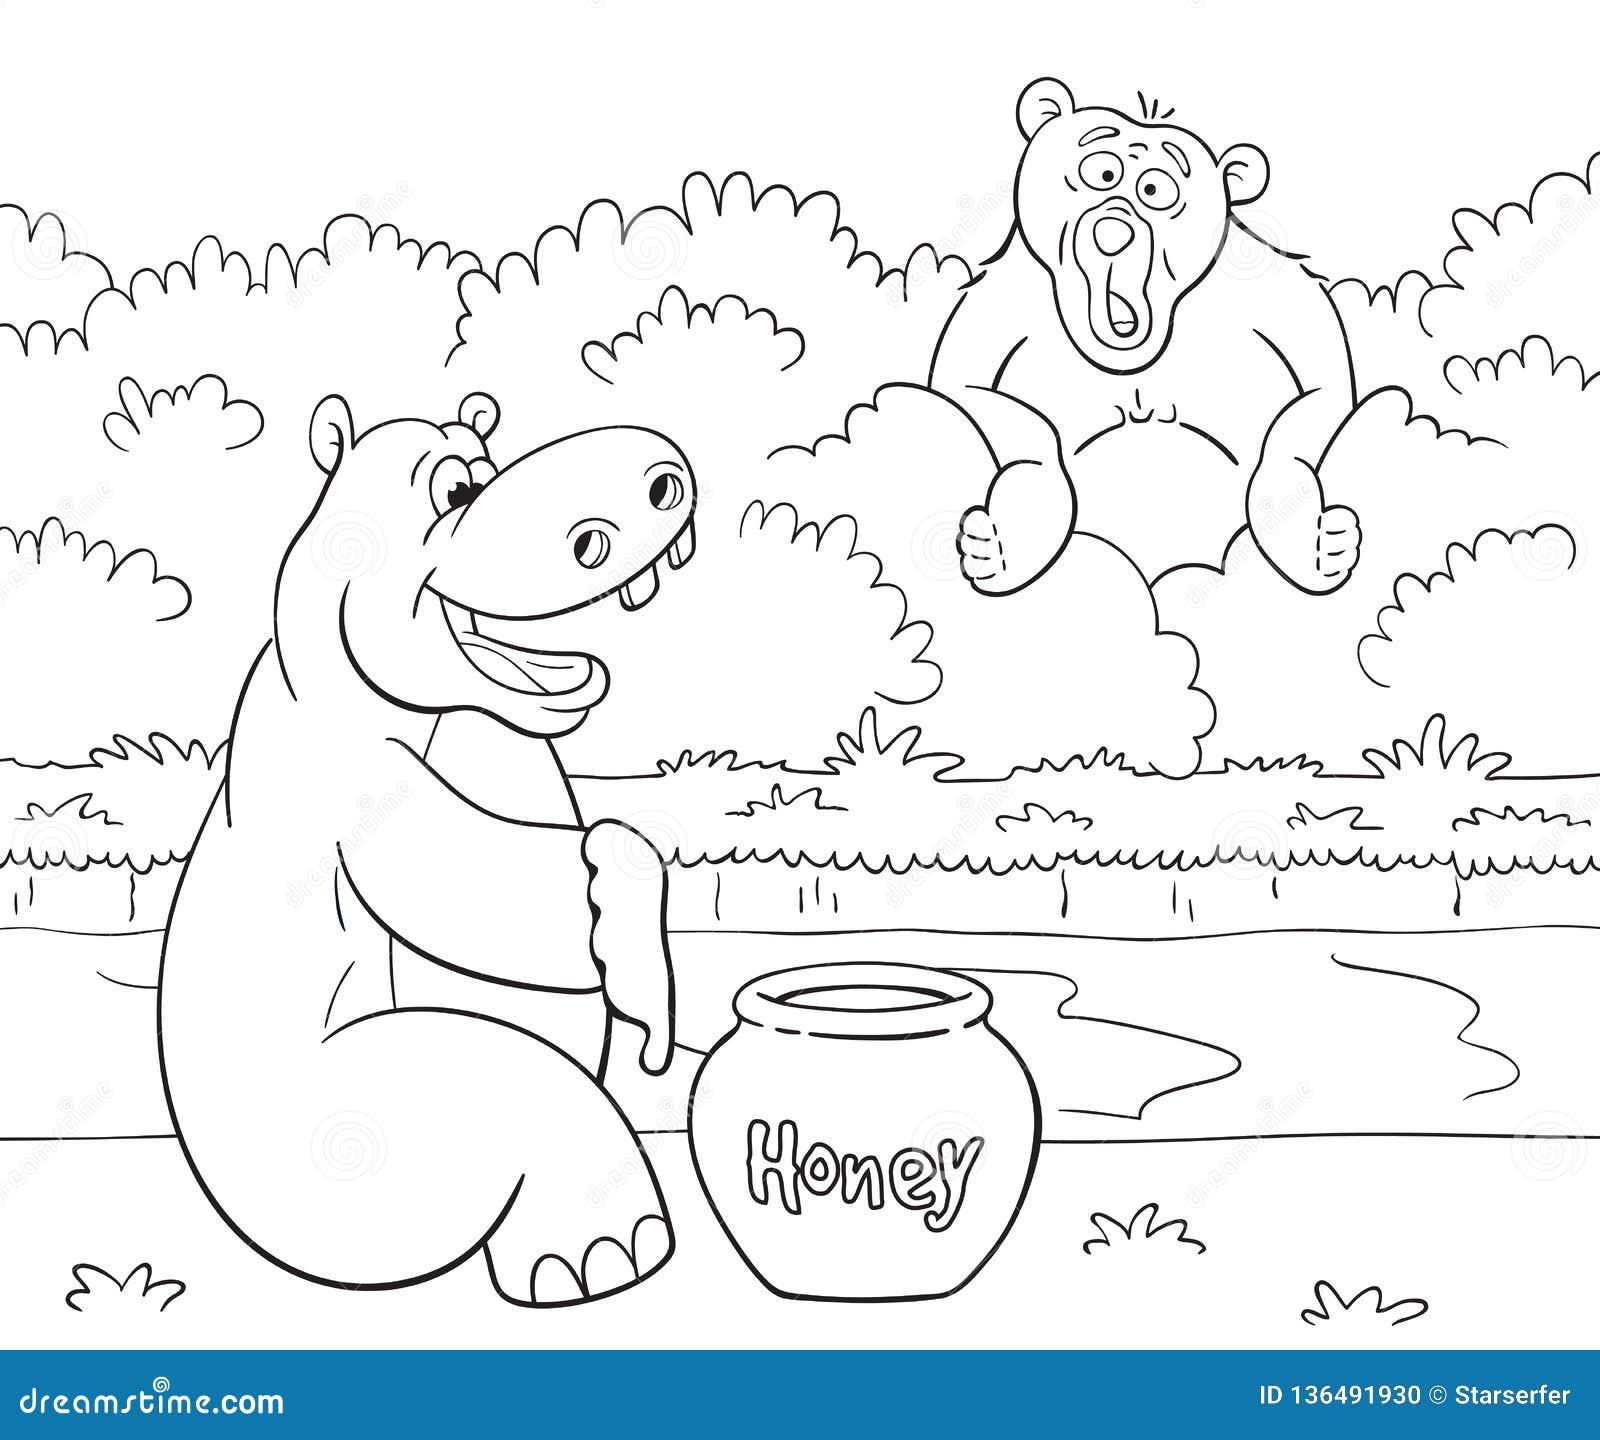 Довольный бегемот с медом и удивленный медведь